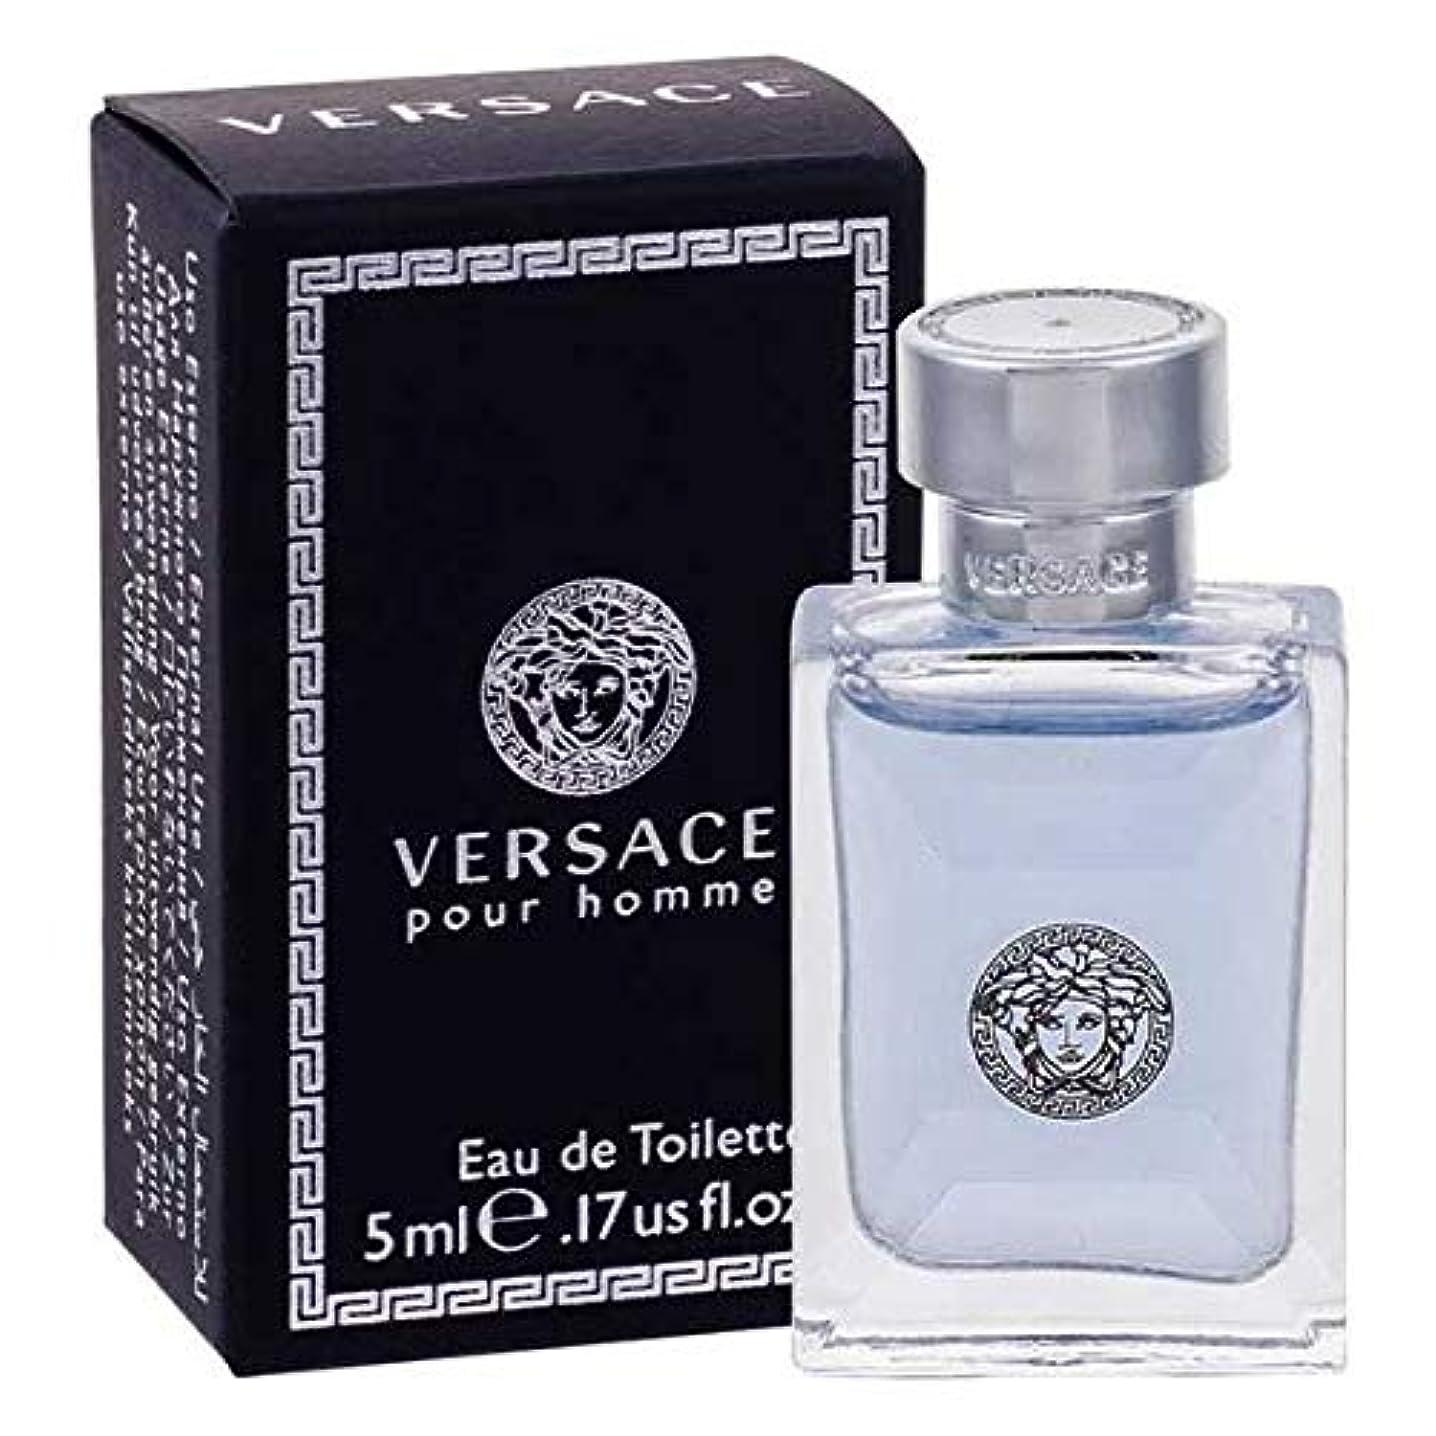 痛い討論タンパク質Versace(ヴェルサーチ) ヴェルサーチ ヴェルサーチプールオム EDT ロマティック・フゼア・ウッディ 5ml